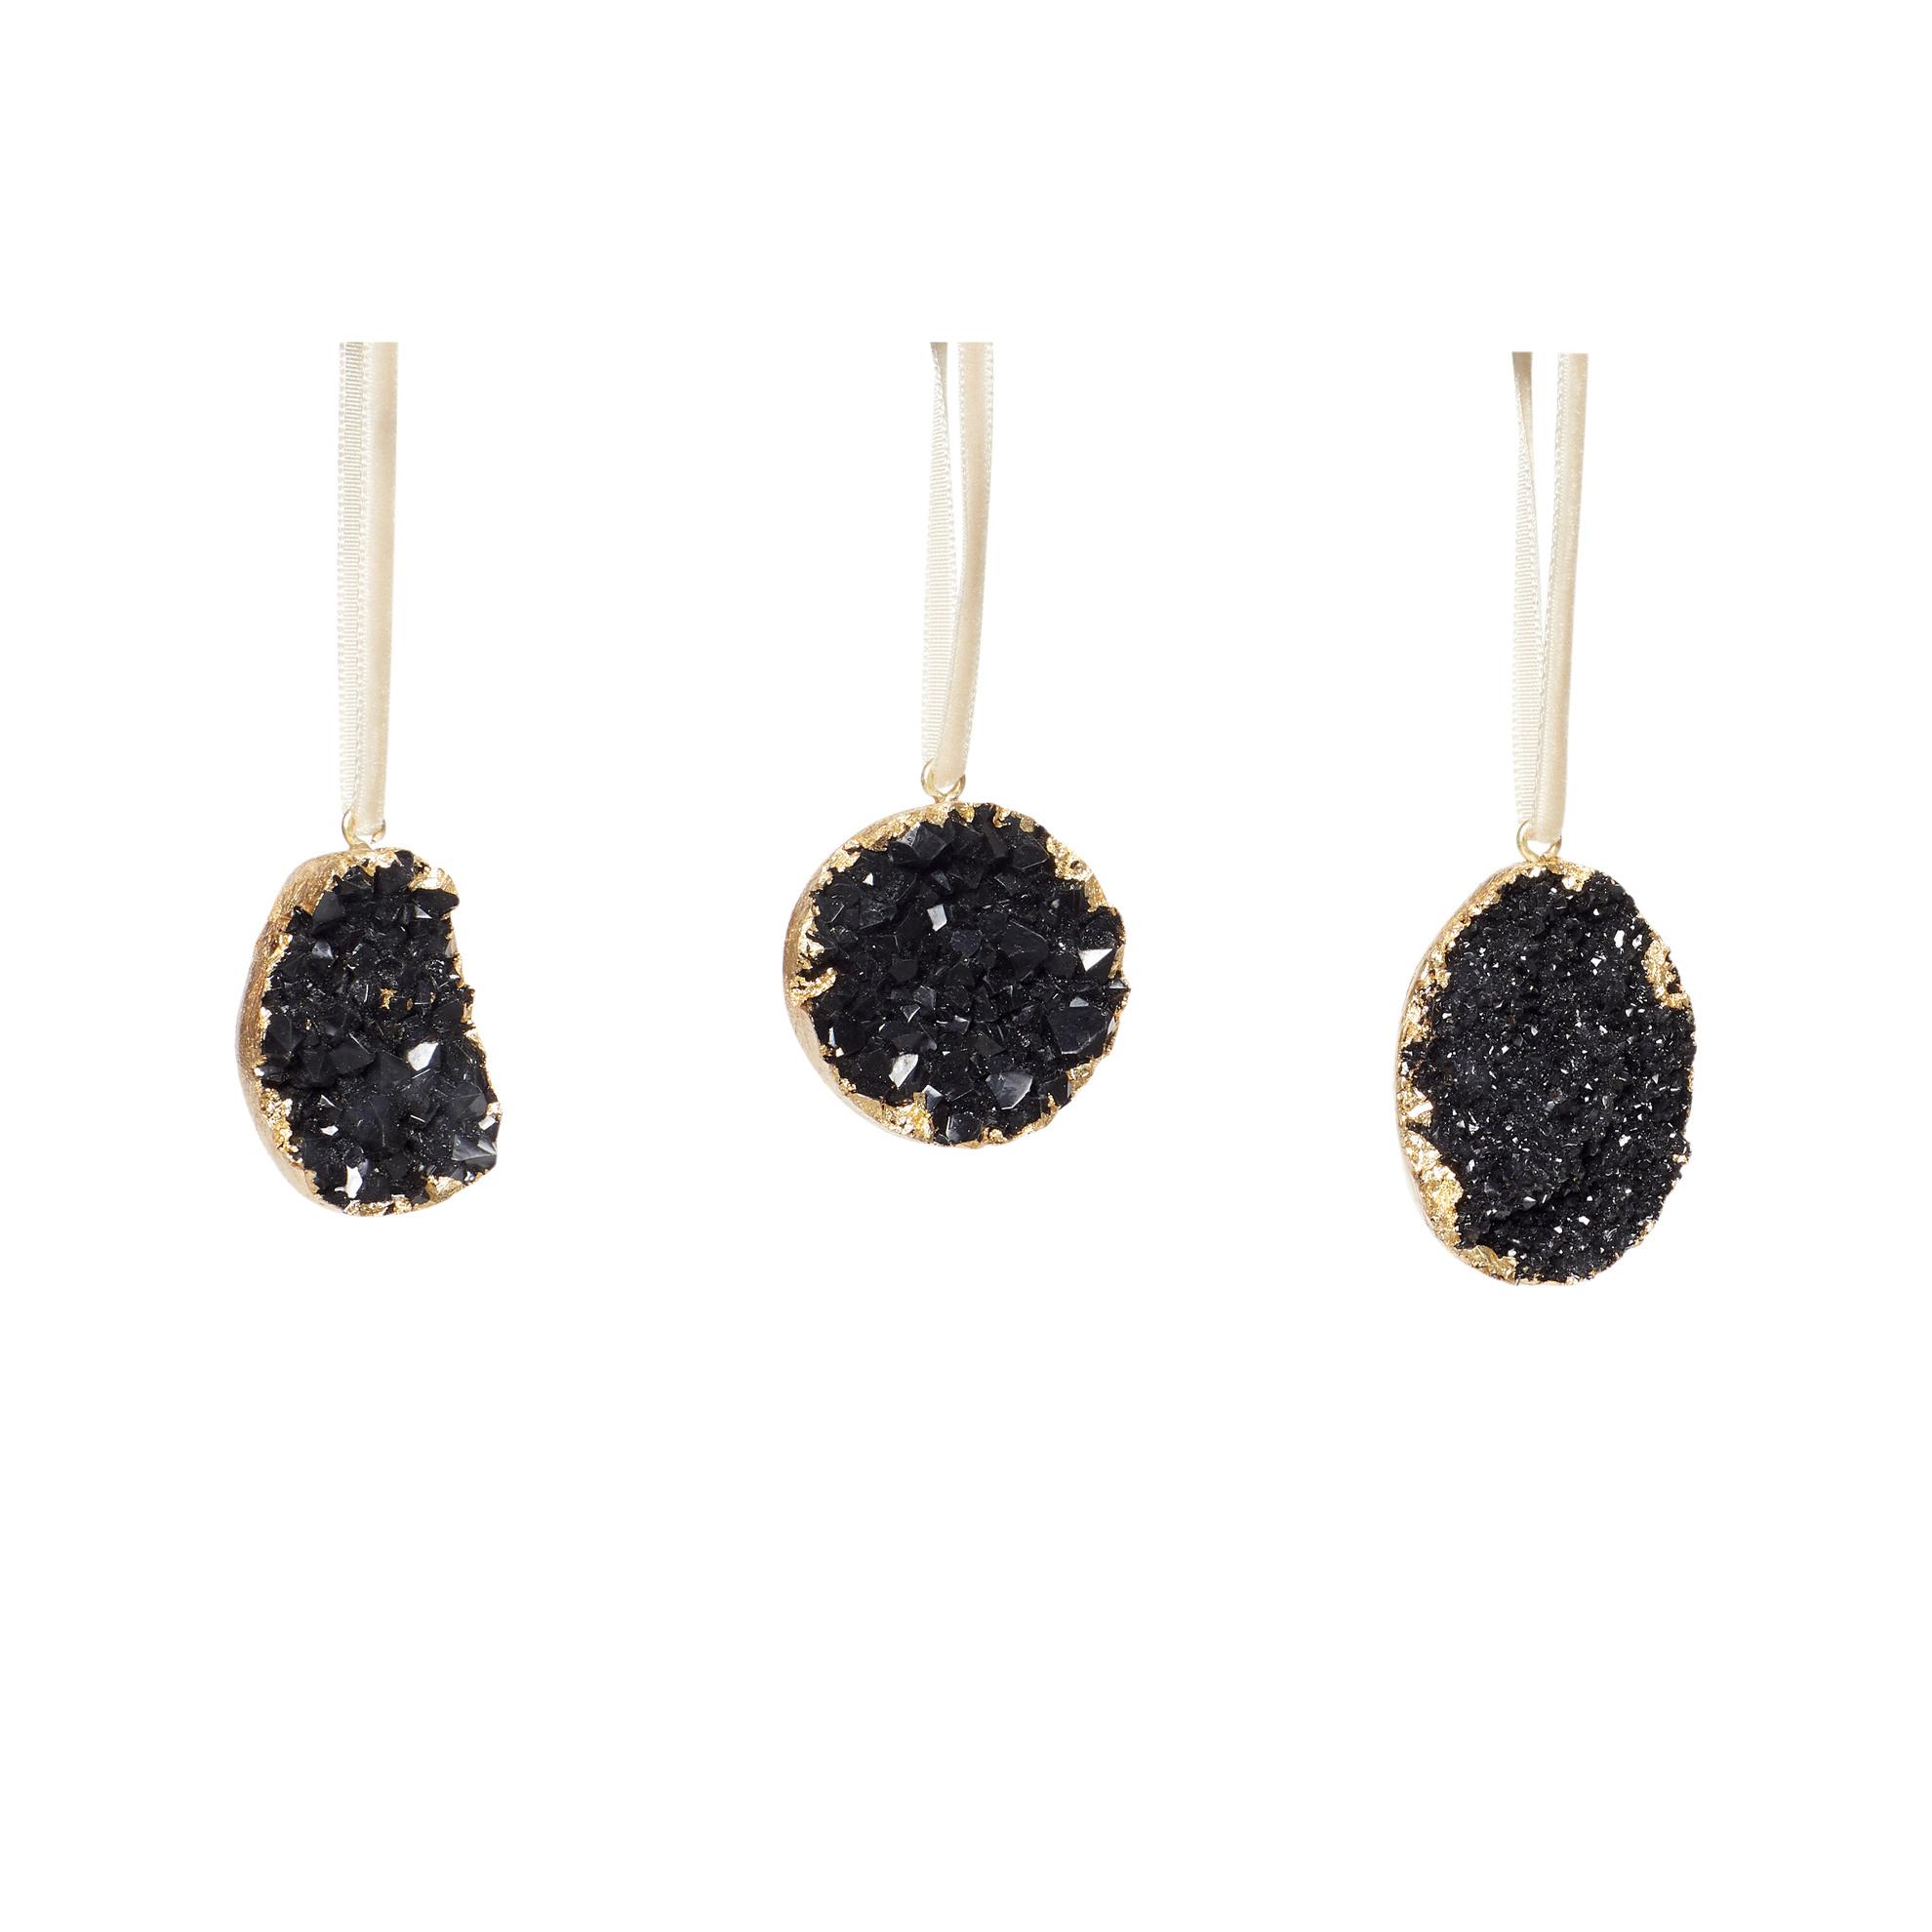 Hubsch Kerstornament, kunststof, zwart / goud, set van 3-640705-5712772066744